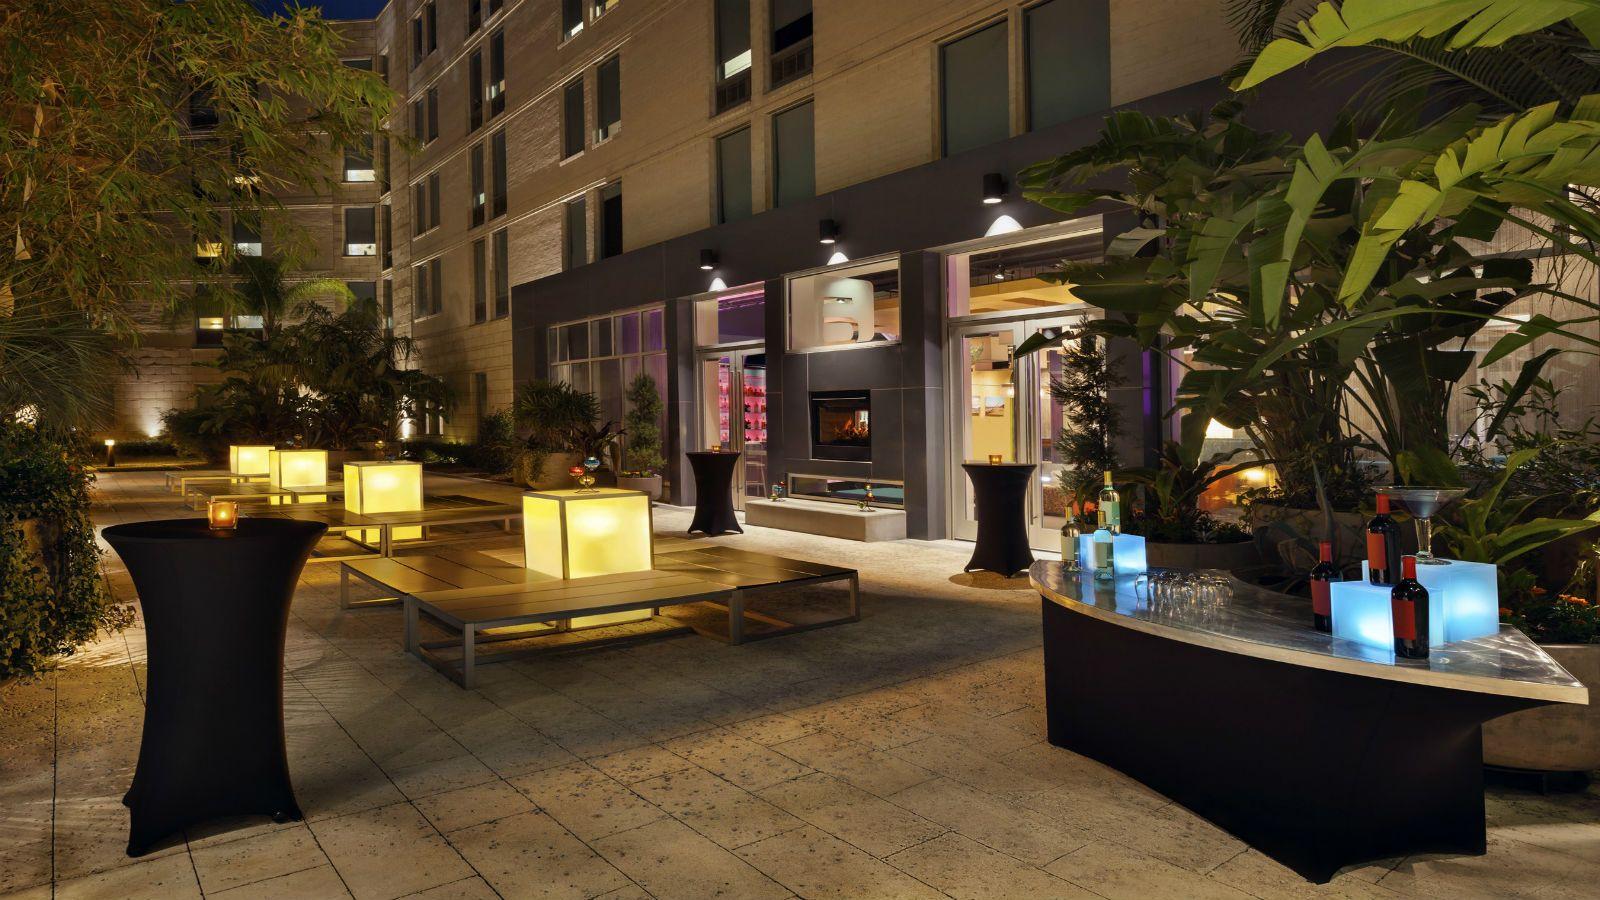 alf3549mf-214185-Backyard-at-night-Med1600x900.jpg